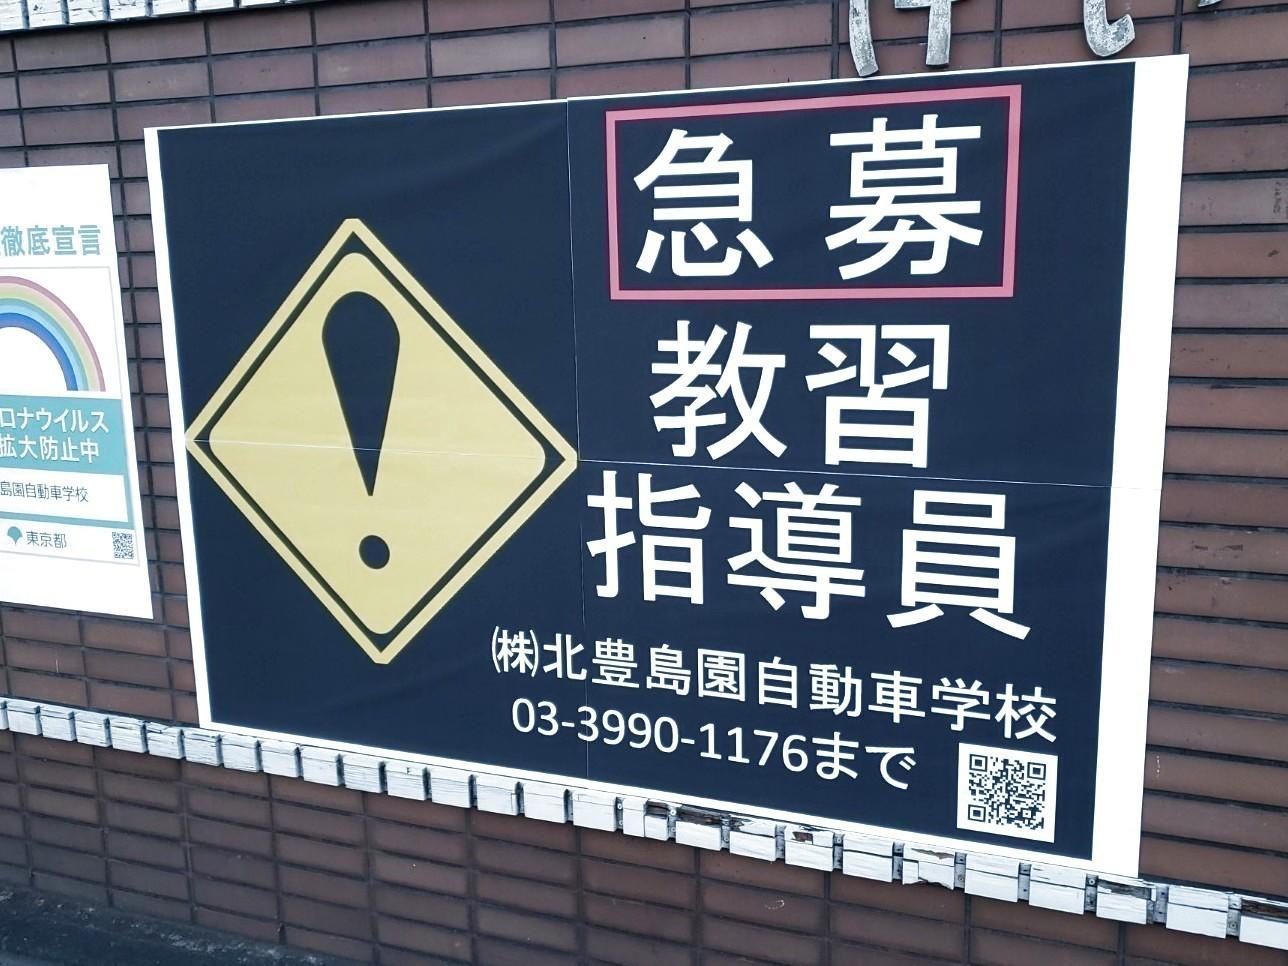 学校 自動車 北 豊島園